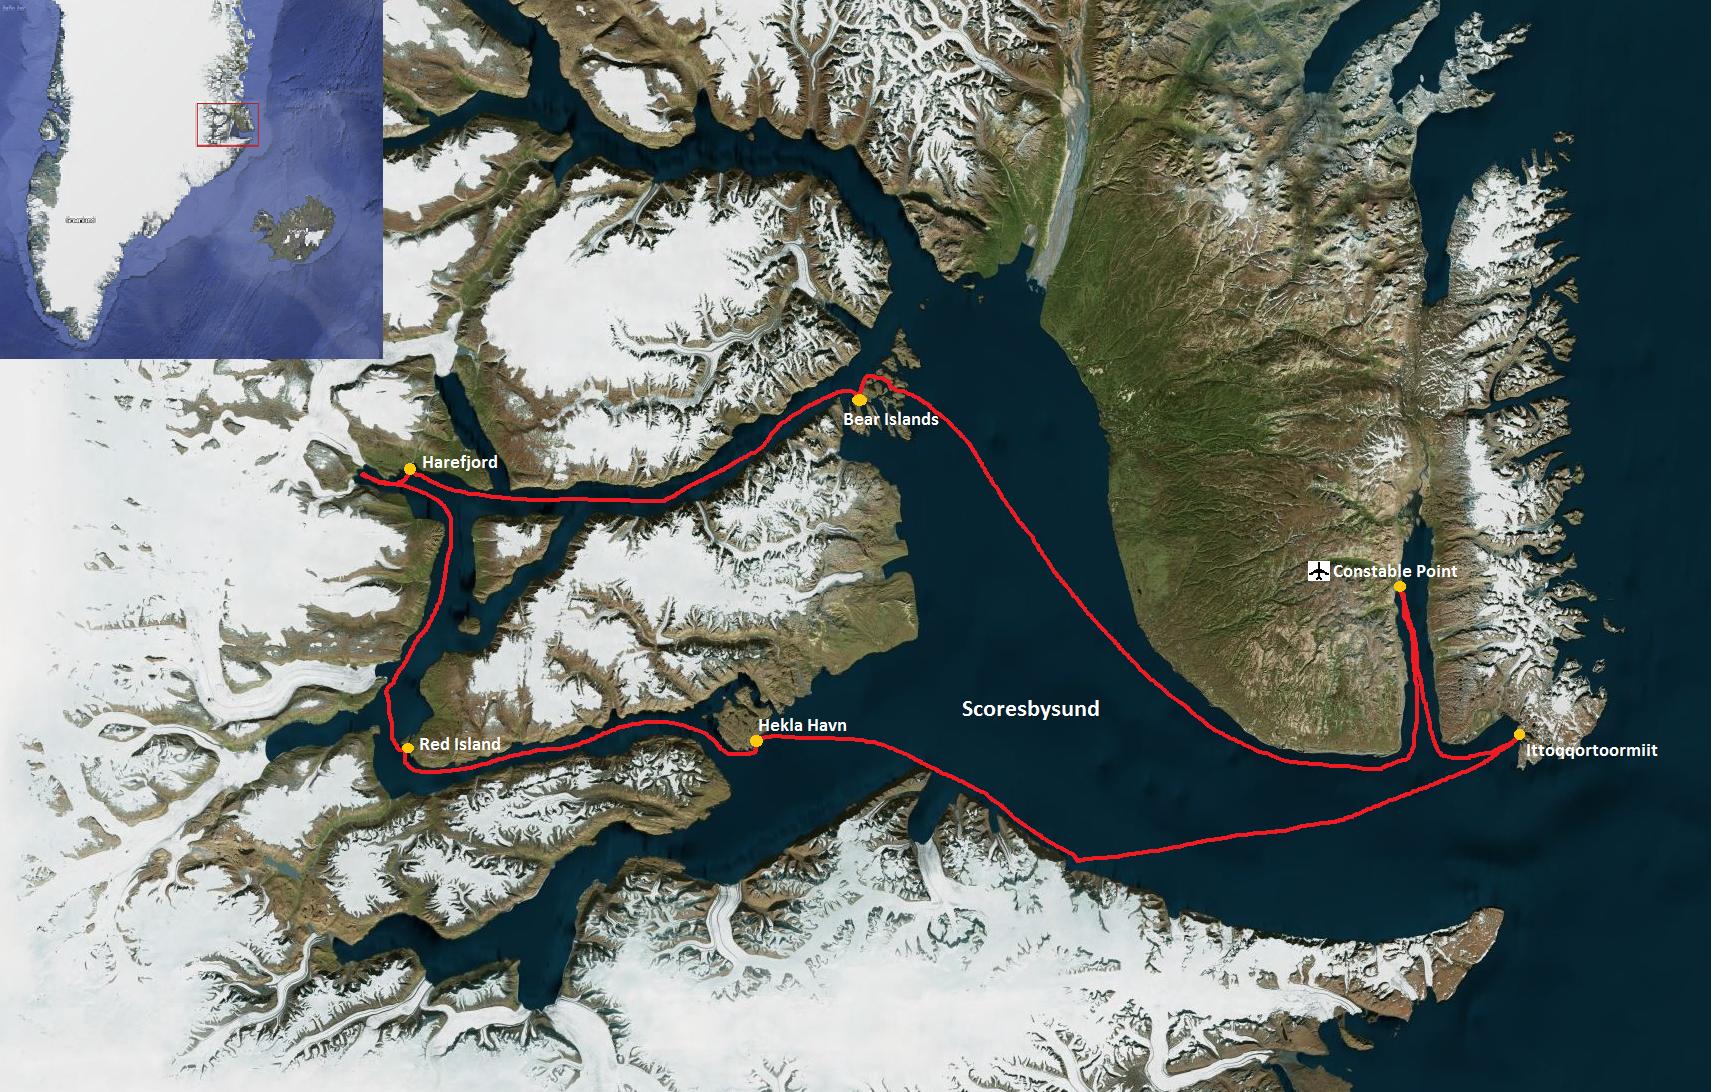 Scoresbysund map